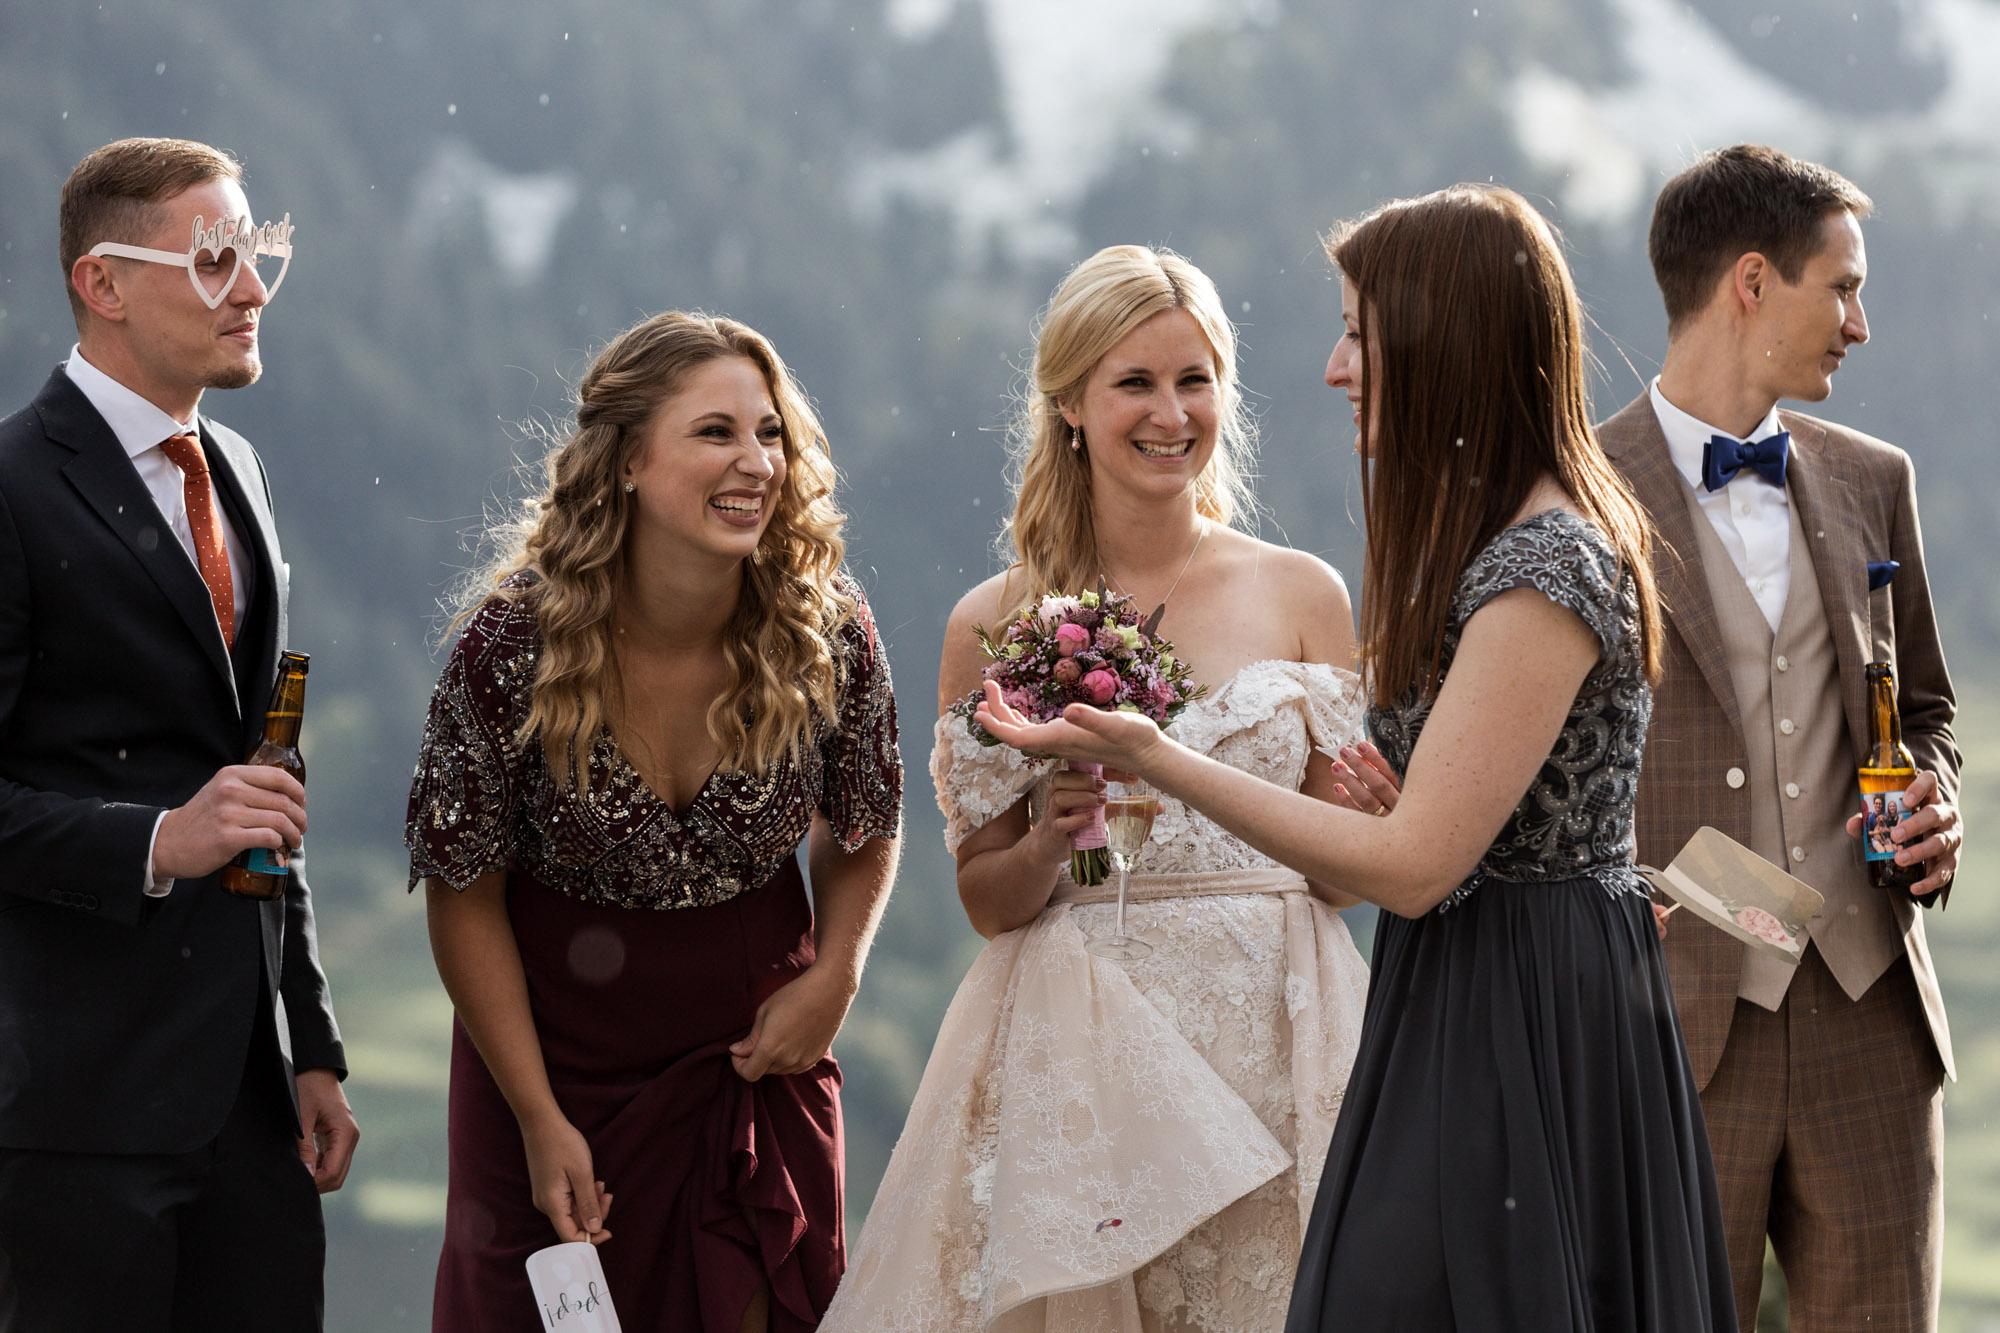 Die Hochzeitsgäste lachen miteinander - Hochzeitsfotograf